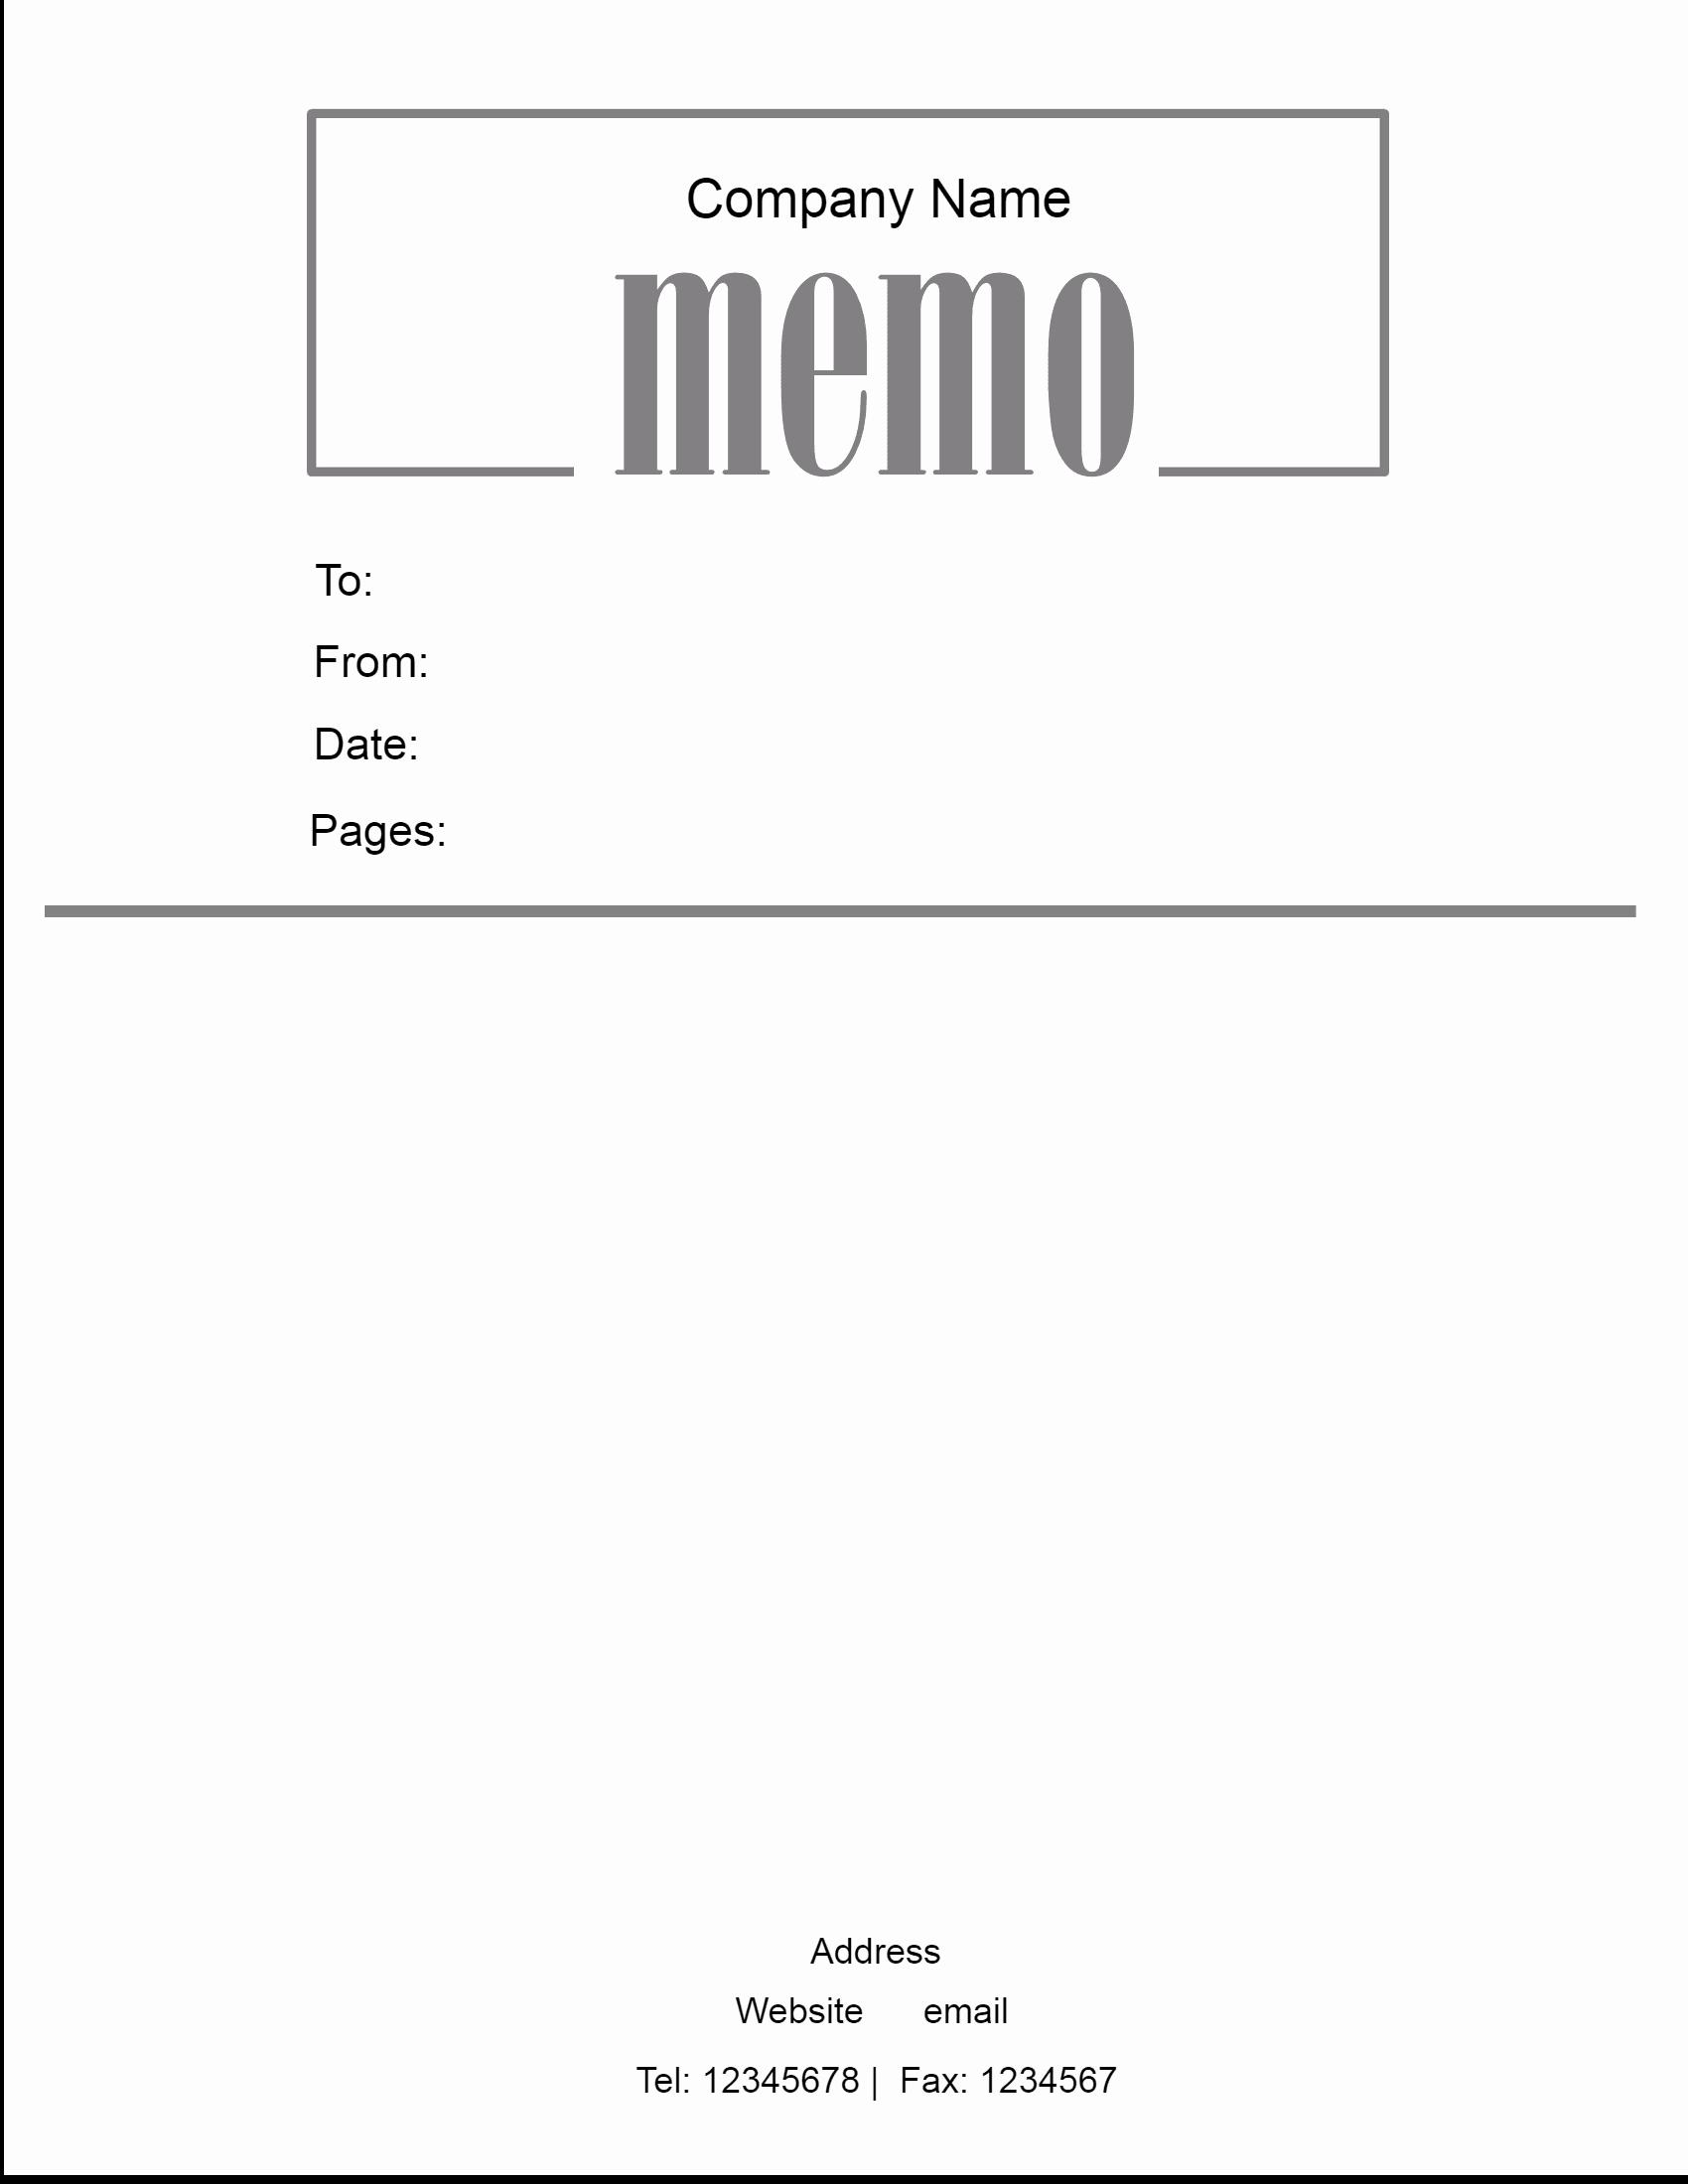 Microsoft Word Memo Template Elegant Free Microsoft Word Memo Template